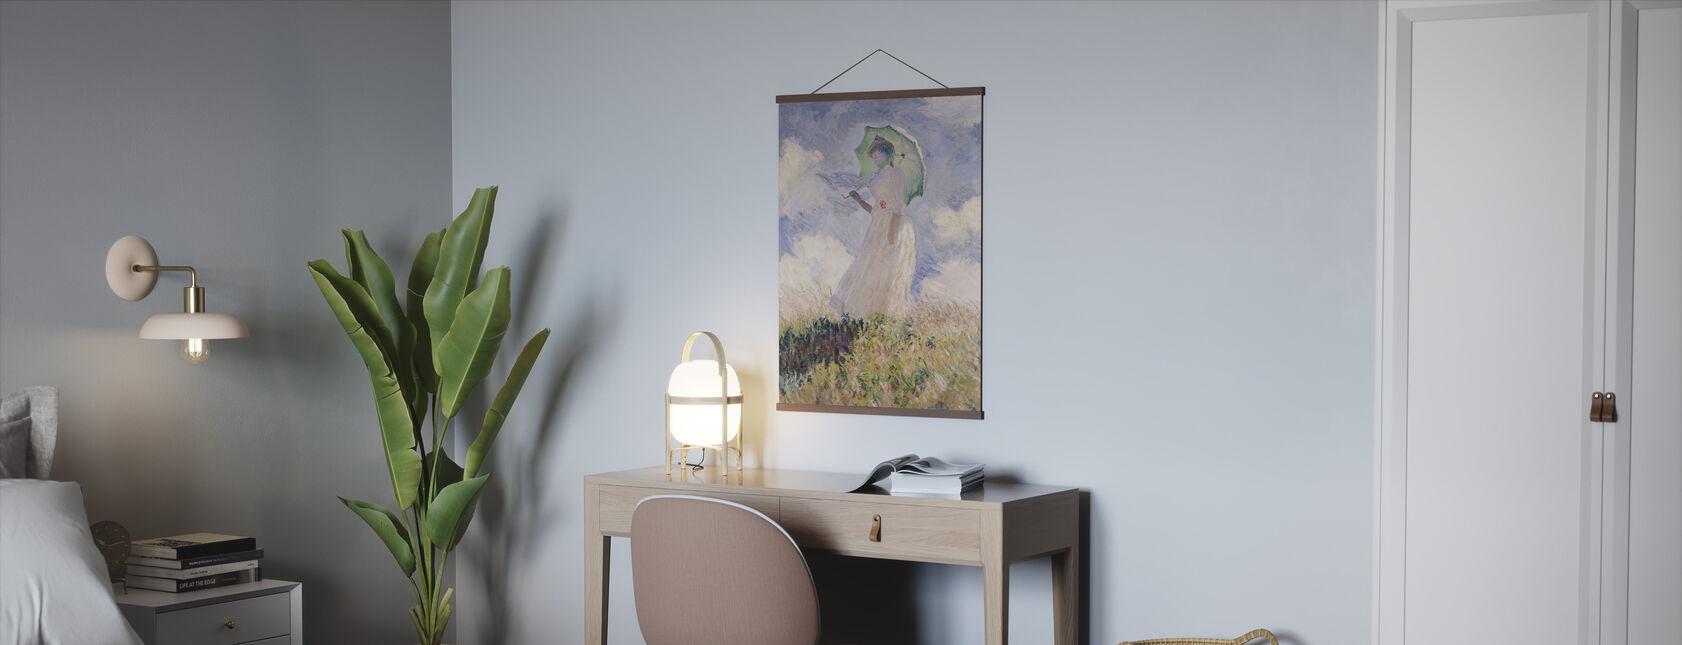 Kvinna Med Parasoll, Claude Monet - Poster - Kontor